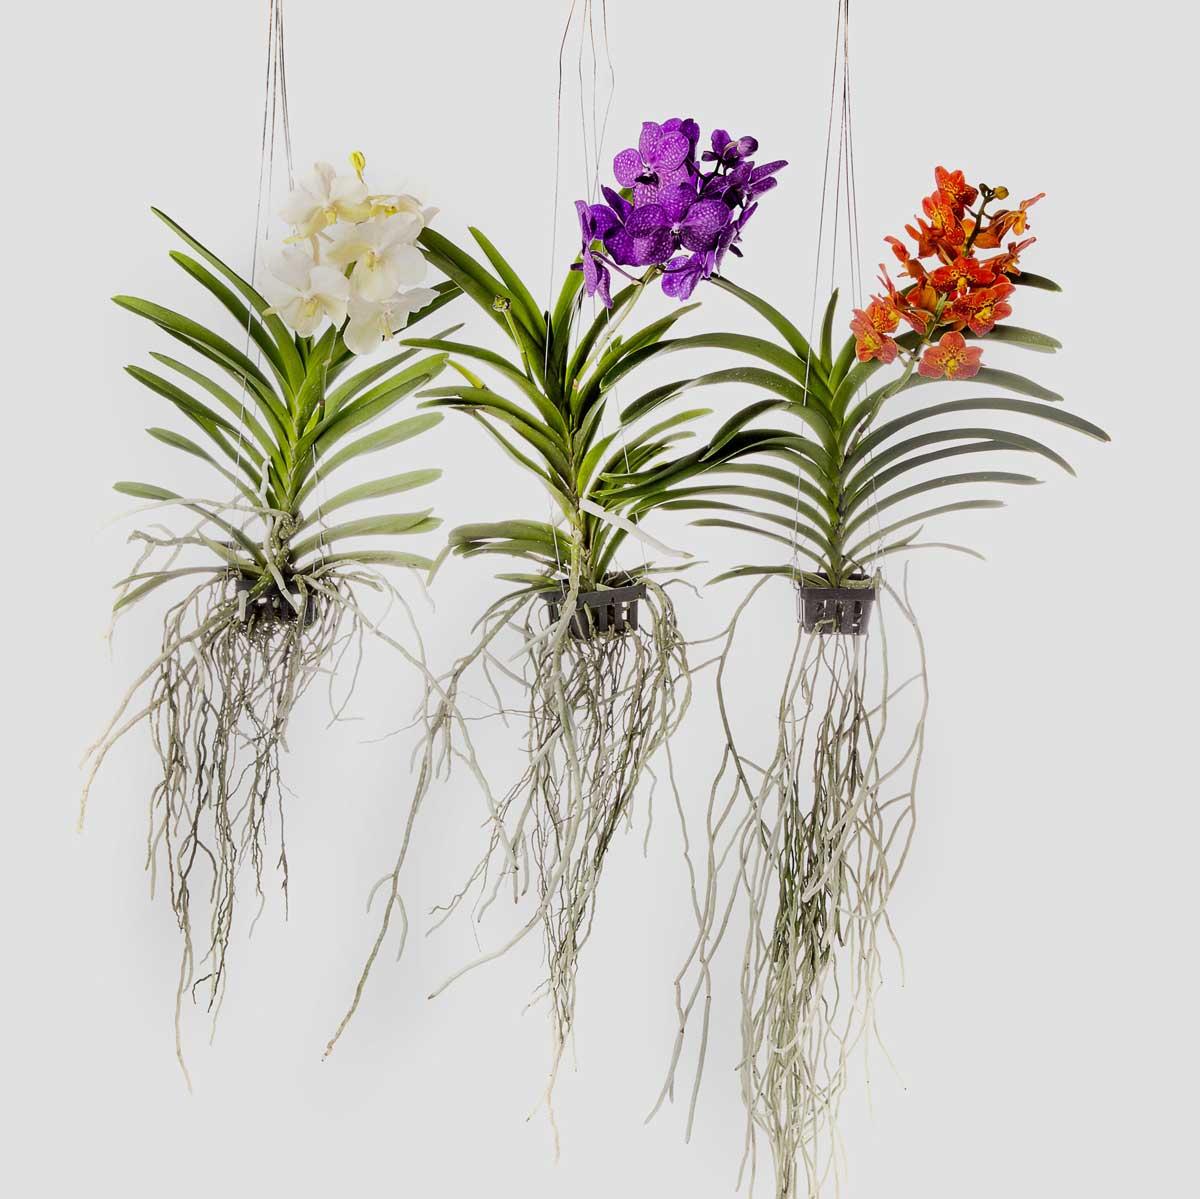 Curiosit orchidea vanda artemisia fioristi firenze for Radici orchidea